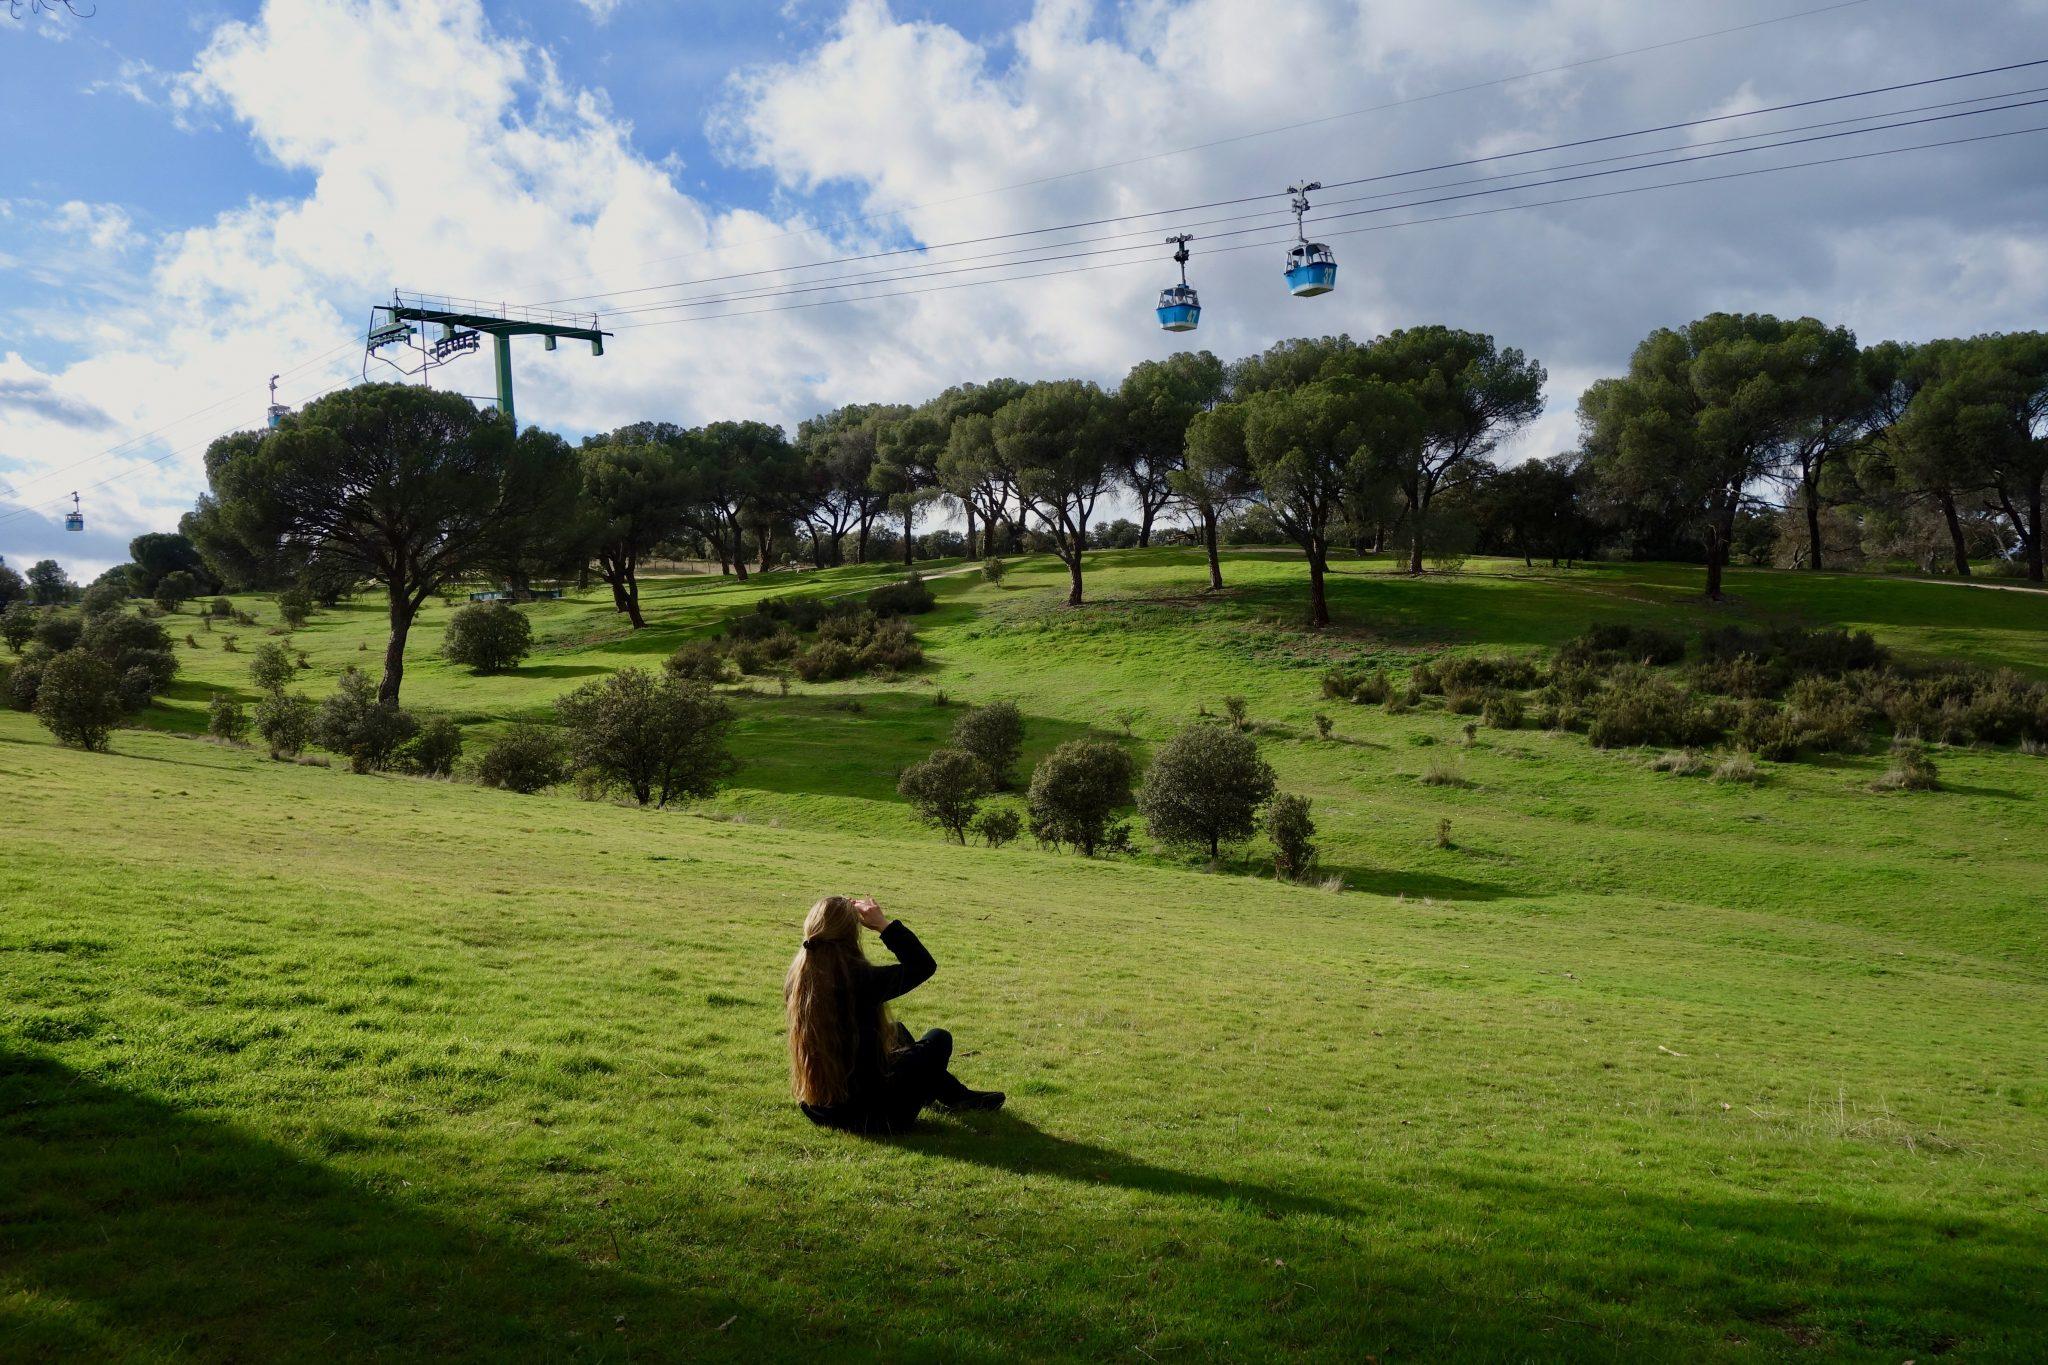 Der Park Casa de Campo in Madrid ist einer der größten Parks in Europa und besitzt eine eigene Seilbahn.